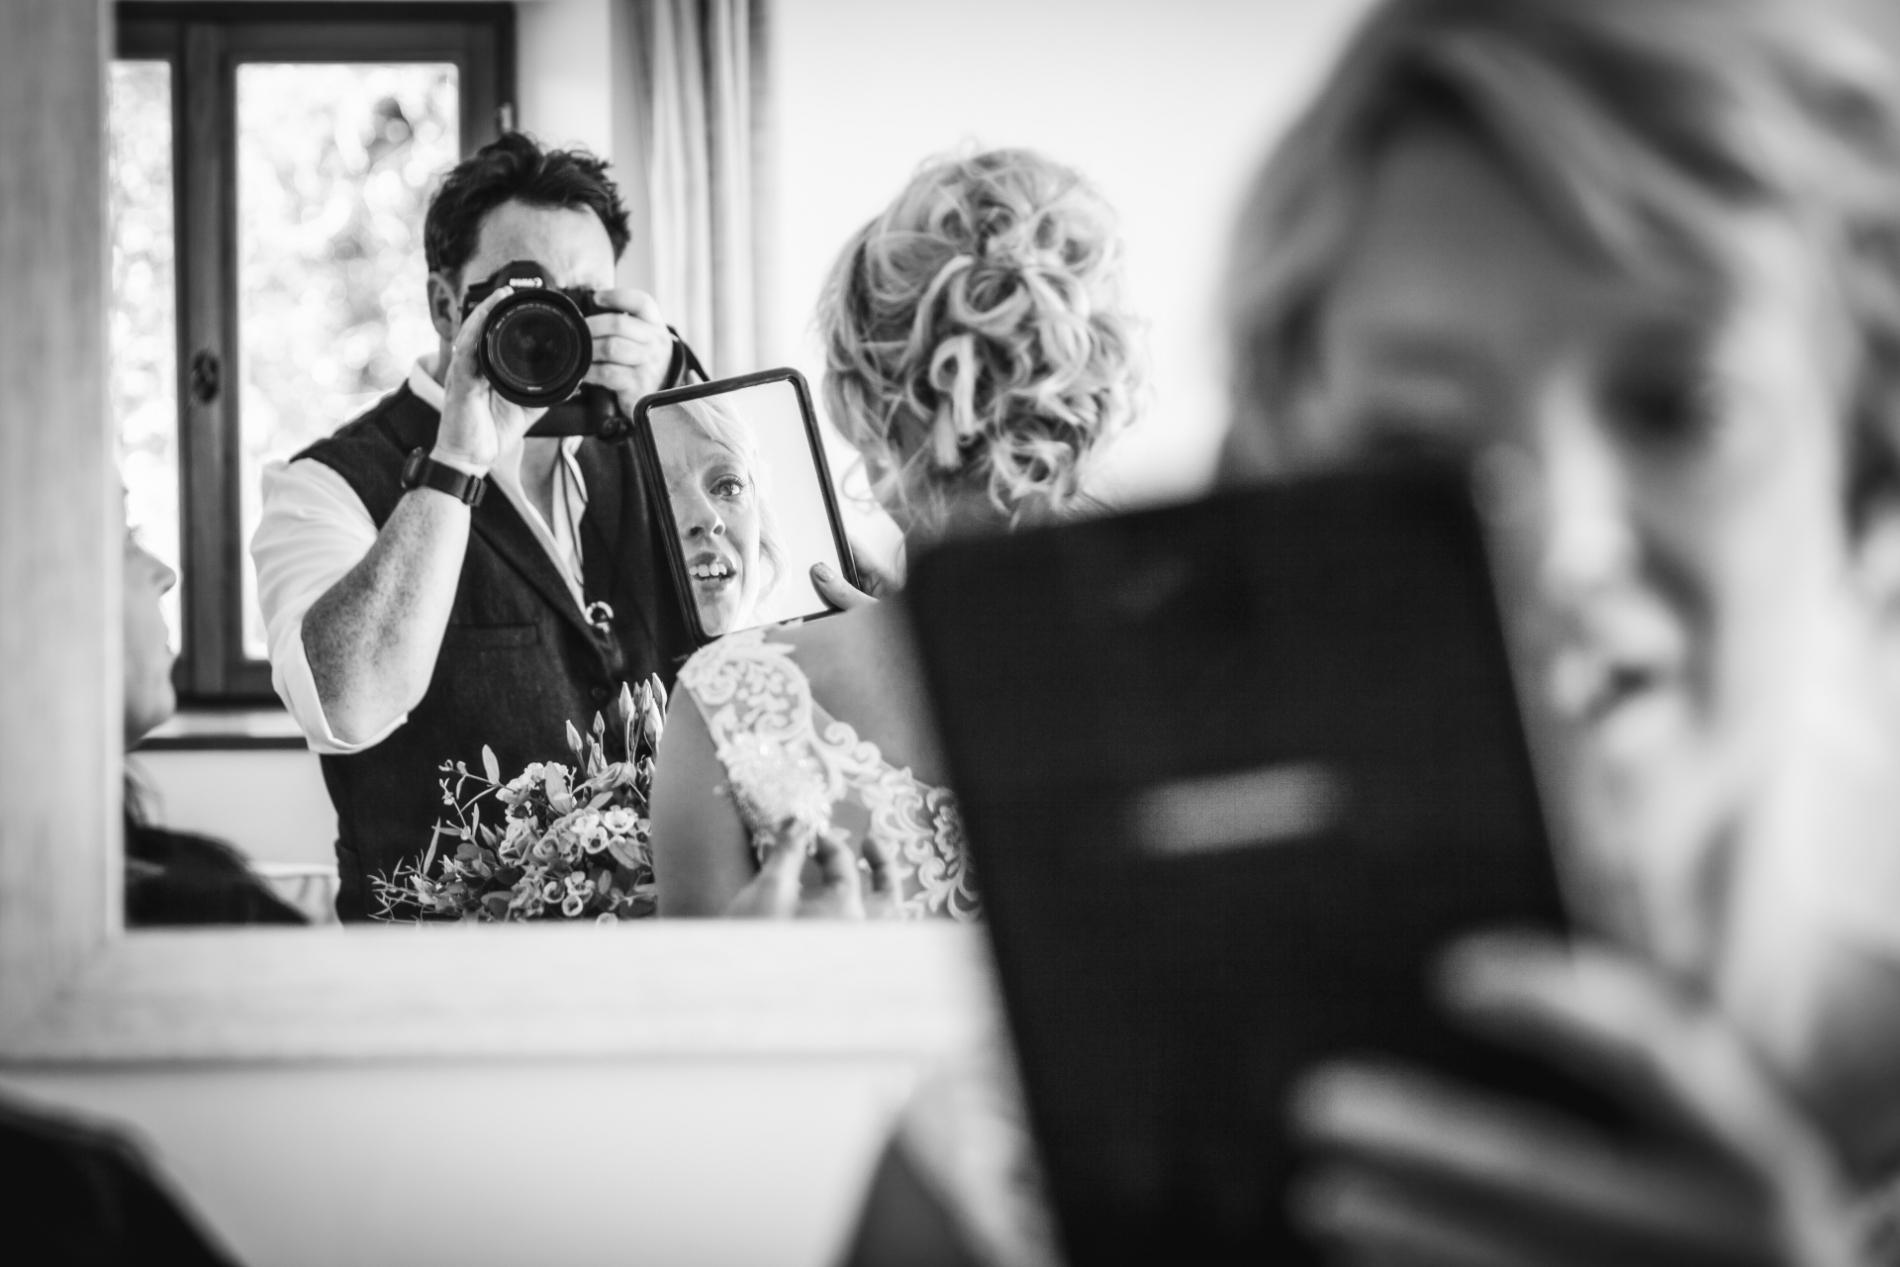 尼爾·普萊森特在婚禮上為新娘拍照